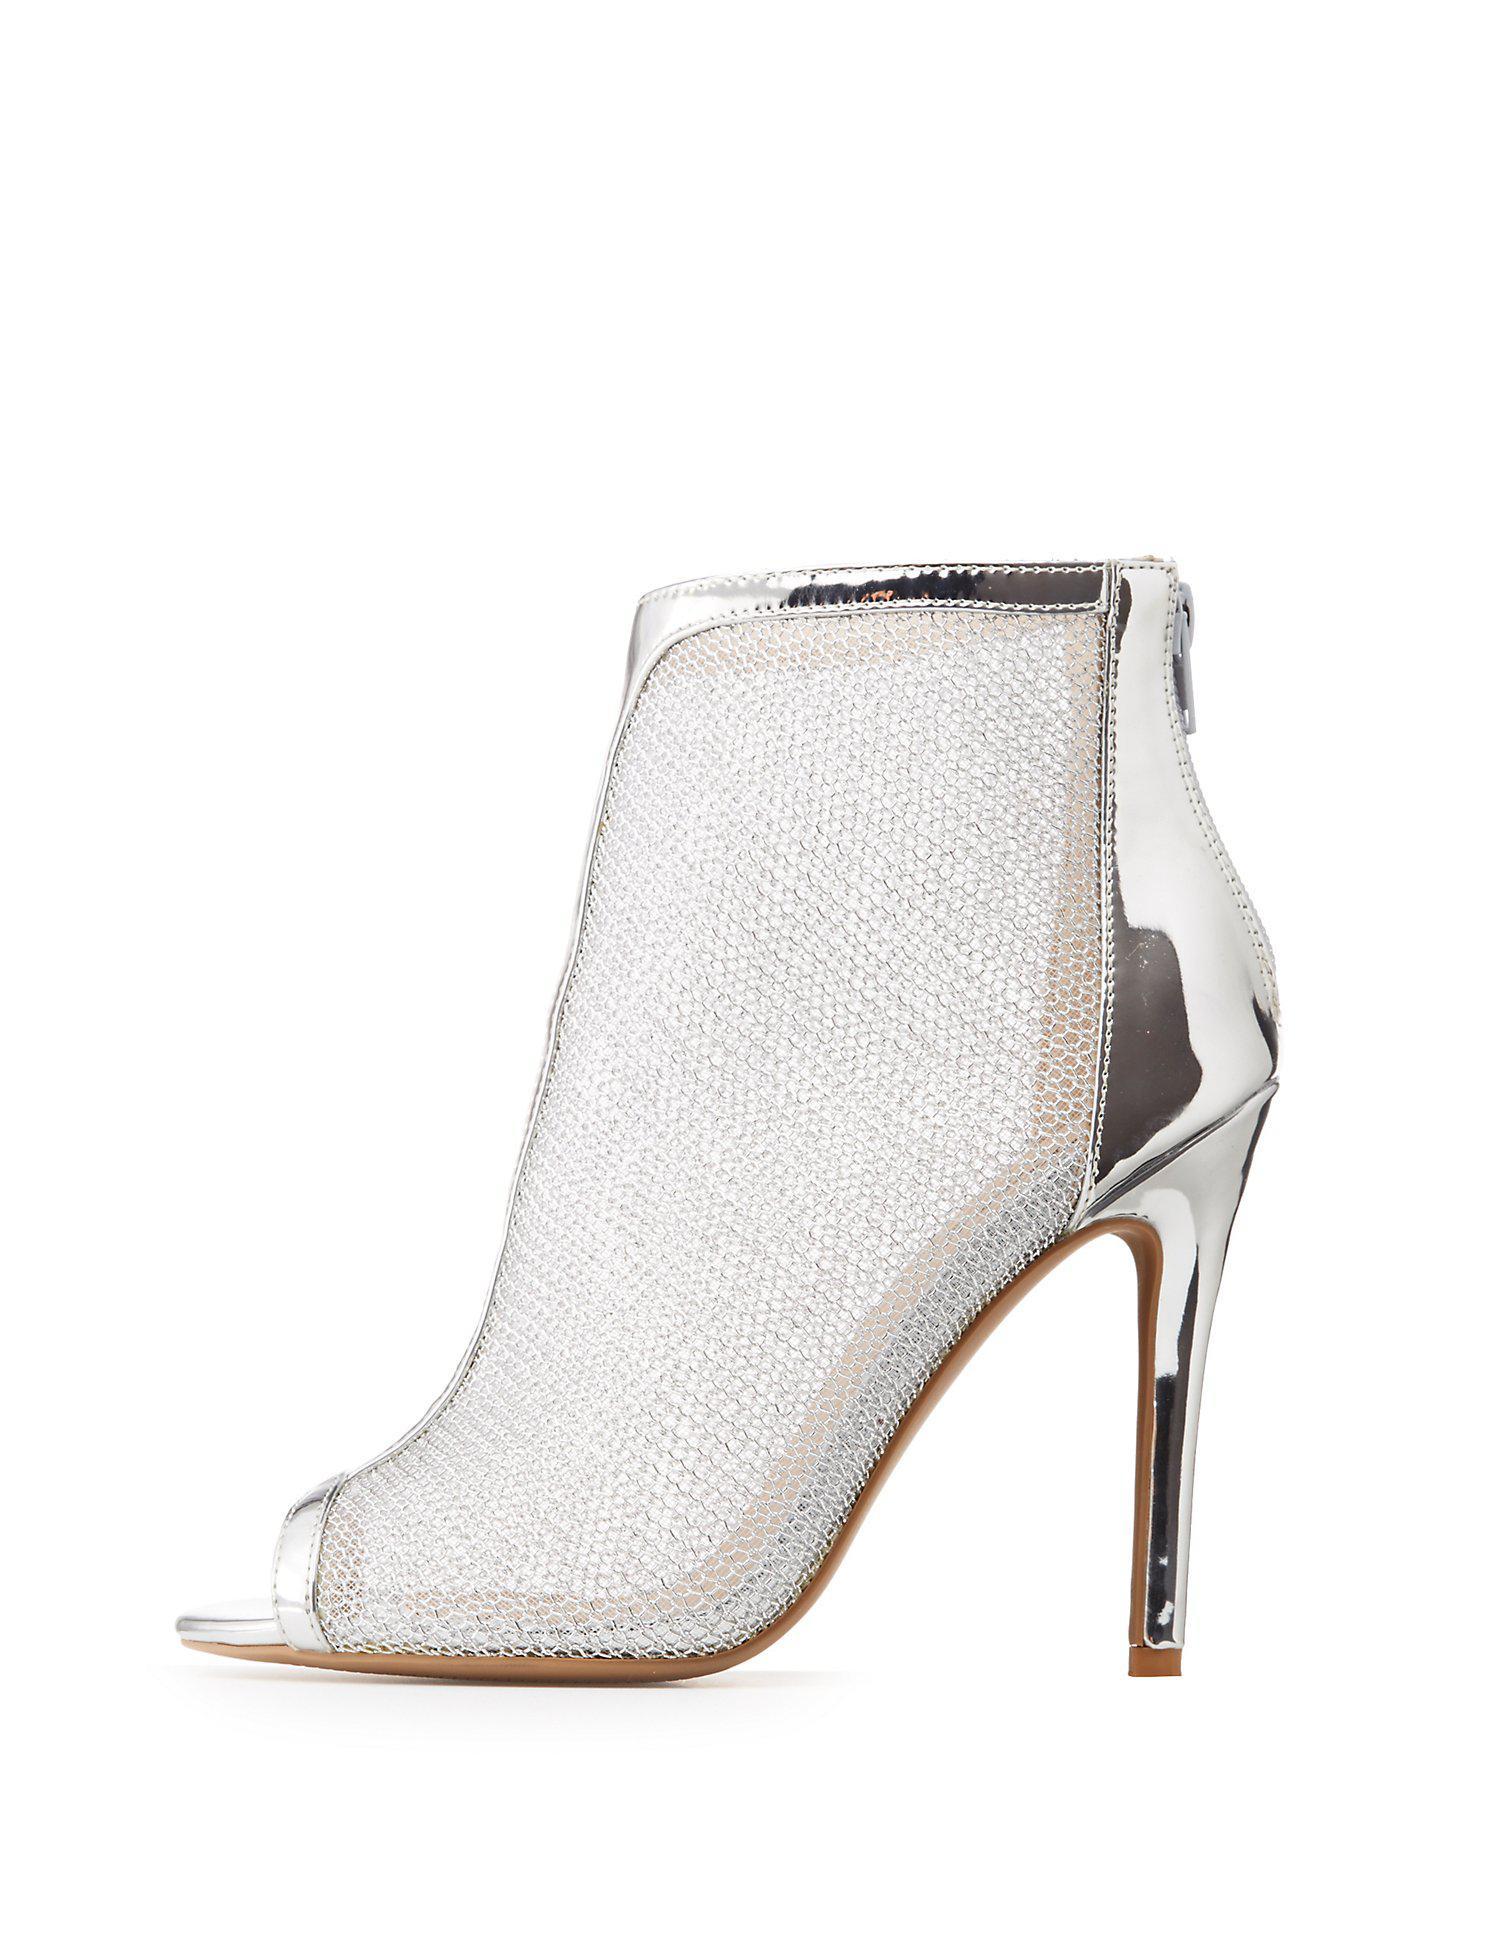 9657409634a7 Lyst - Charlotte Russe Qupid Metallic Mesh Peep Toe Booties in Metallic